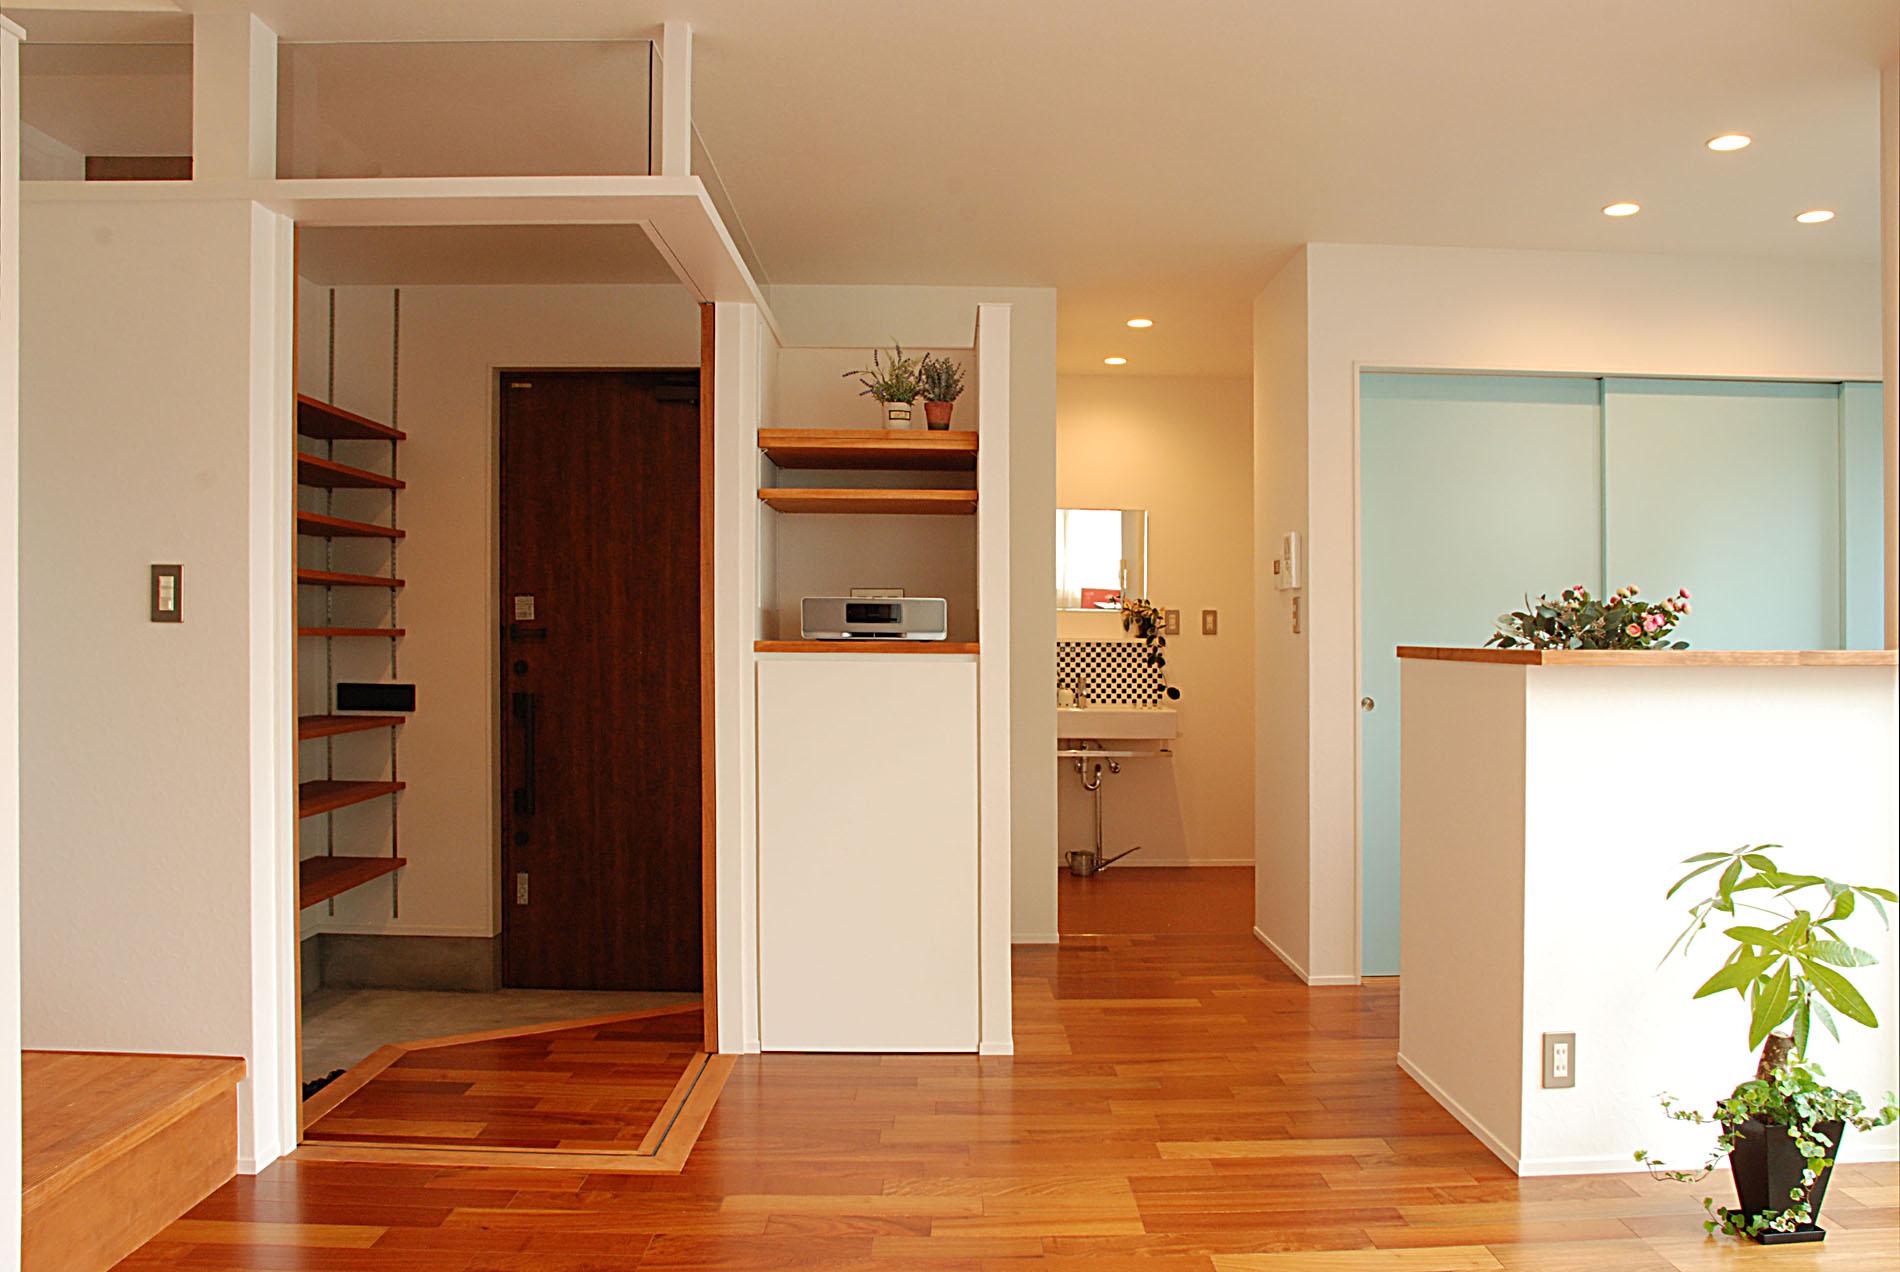 延床面積21.5坪のSmall home